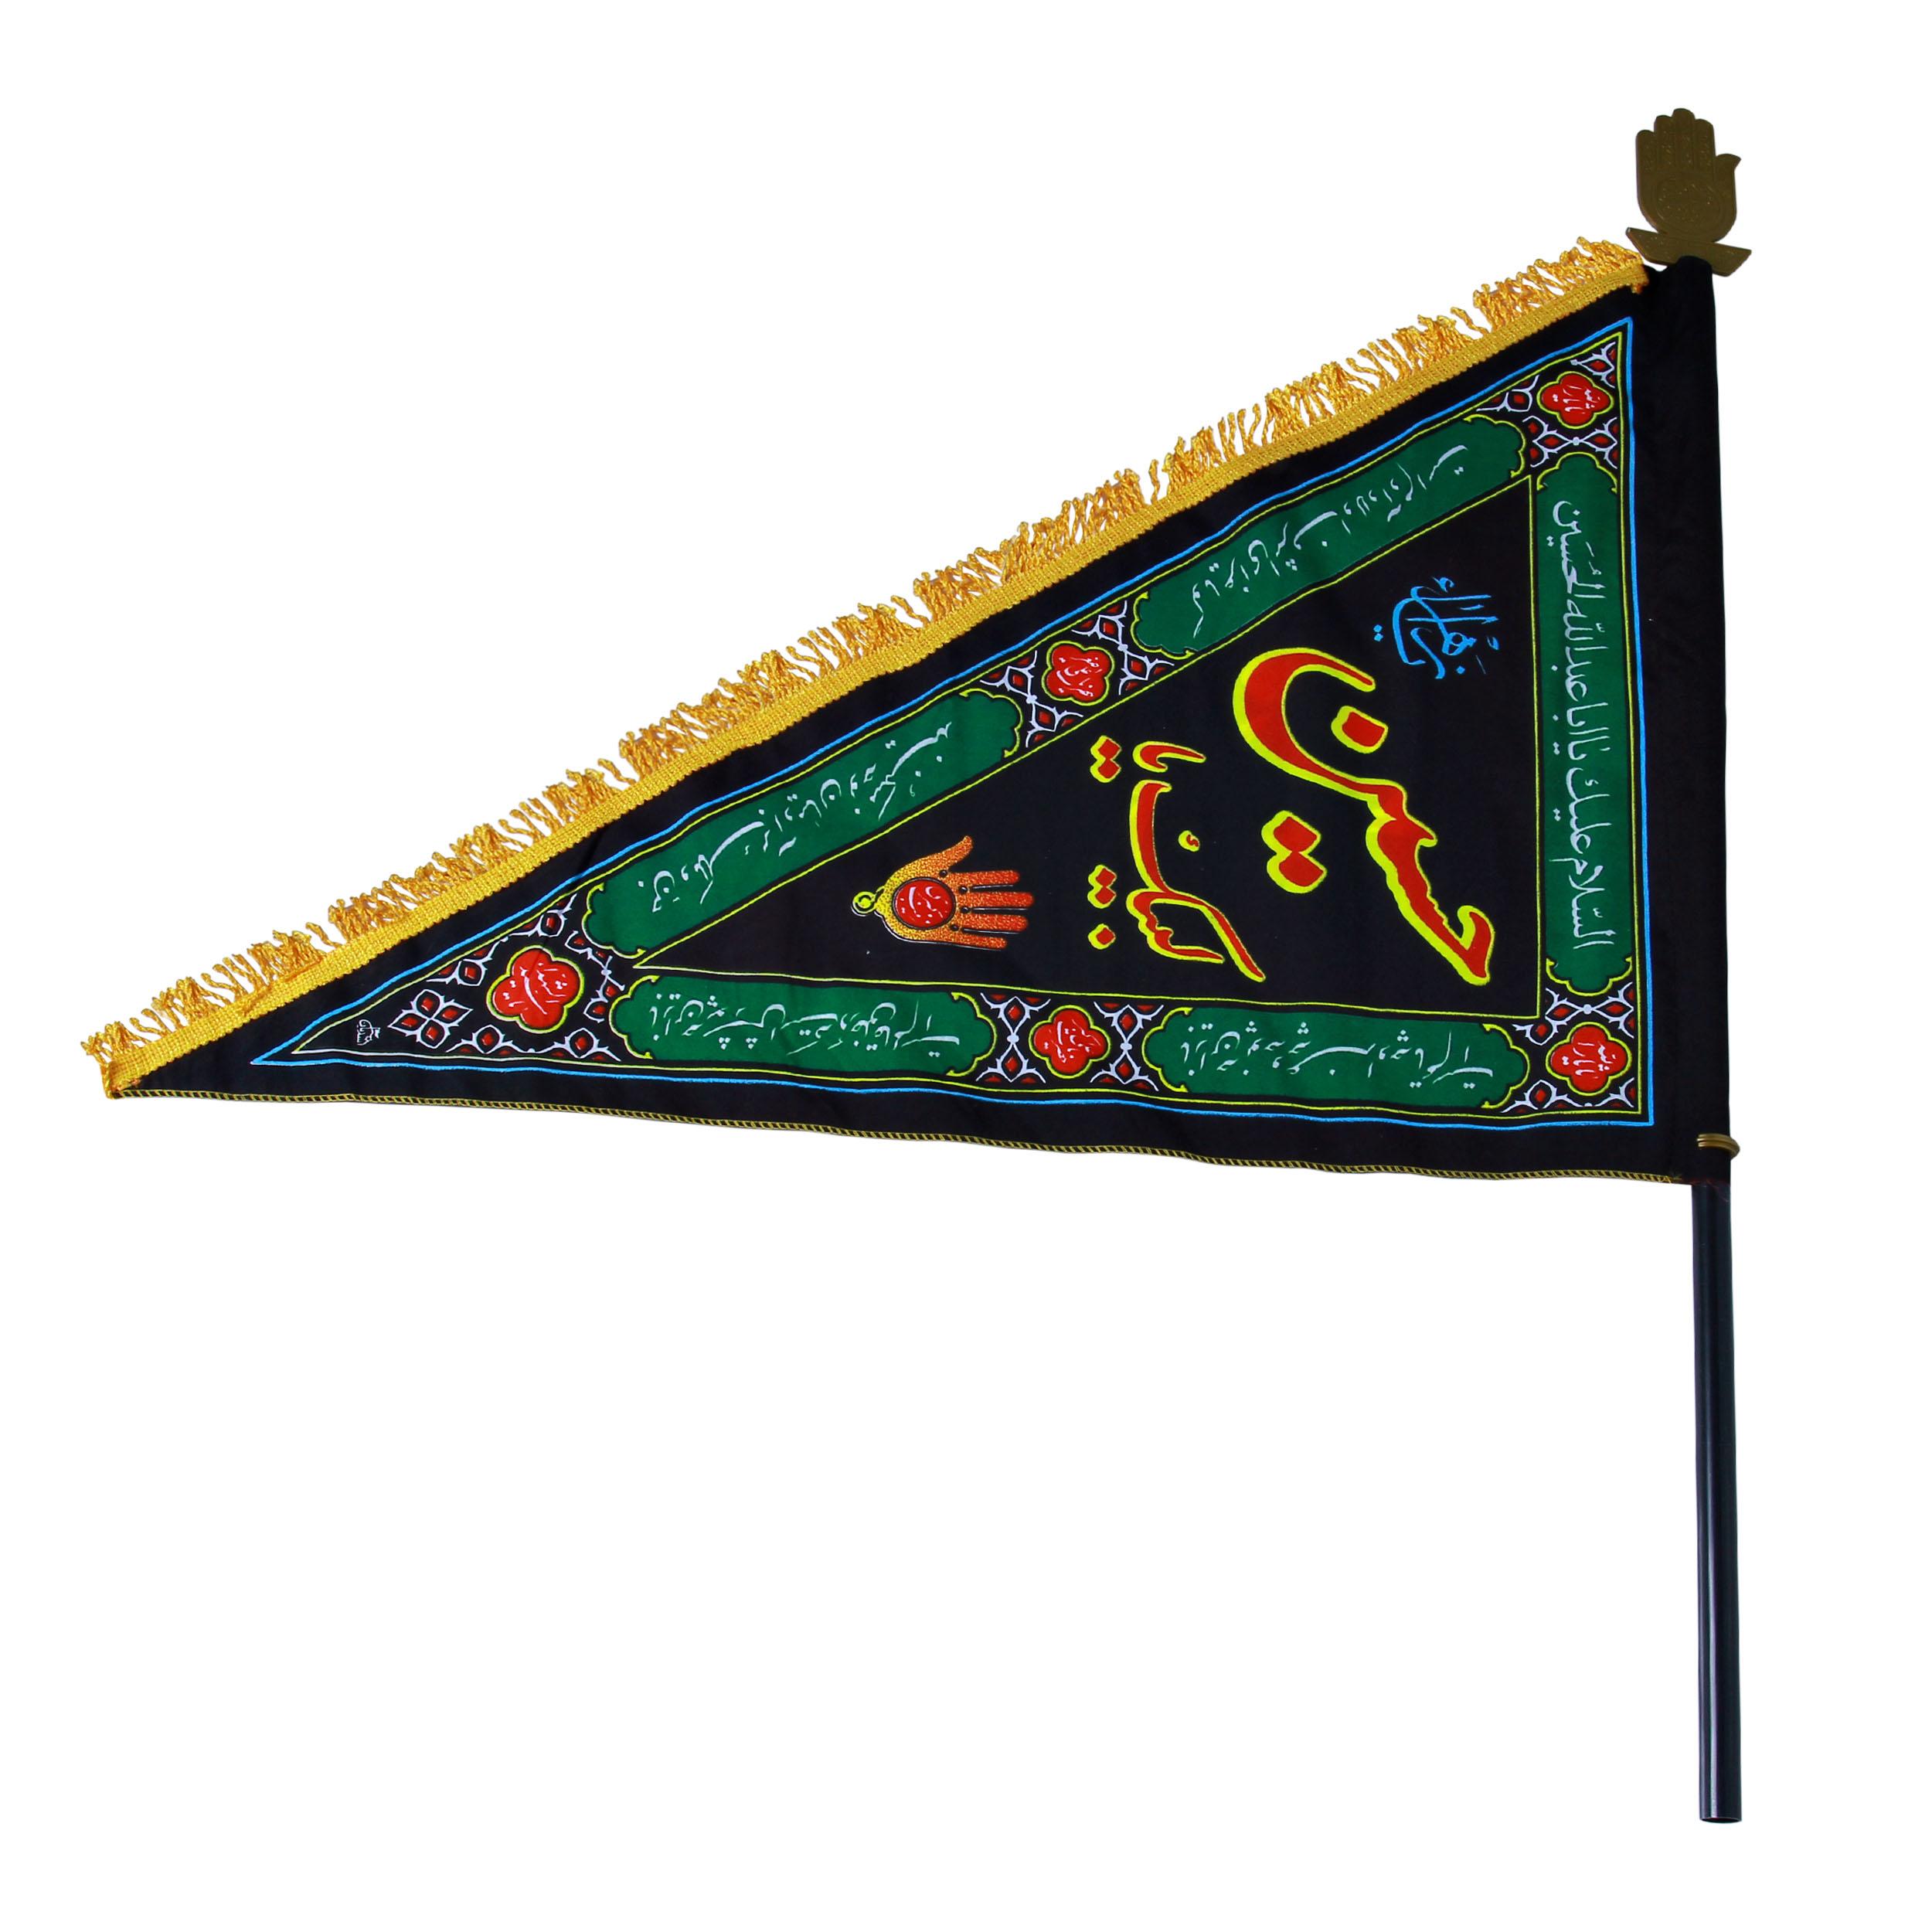 پرچم  بازرگانی میلادی طرح مذهبی لبیک یا حسین علیه السلام کد PAR-086